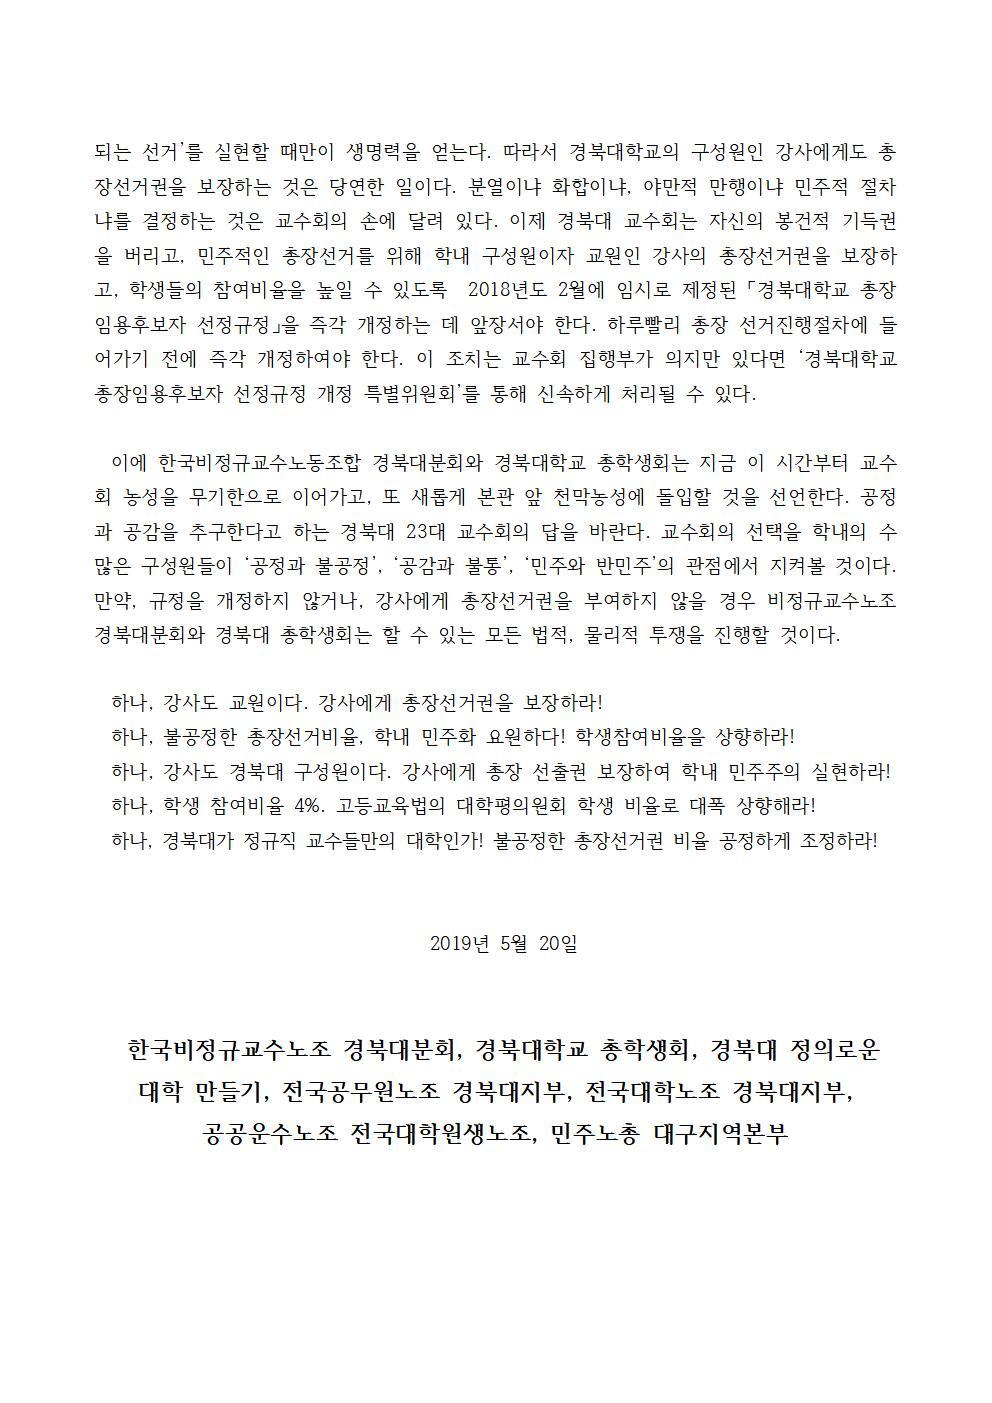 (기자회견문)강사의 총장선거권 보장과 학생 참여비율 상향 및 불공정한 총장선거 중단 촉구3.jpg